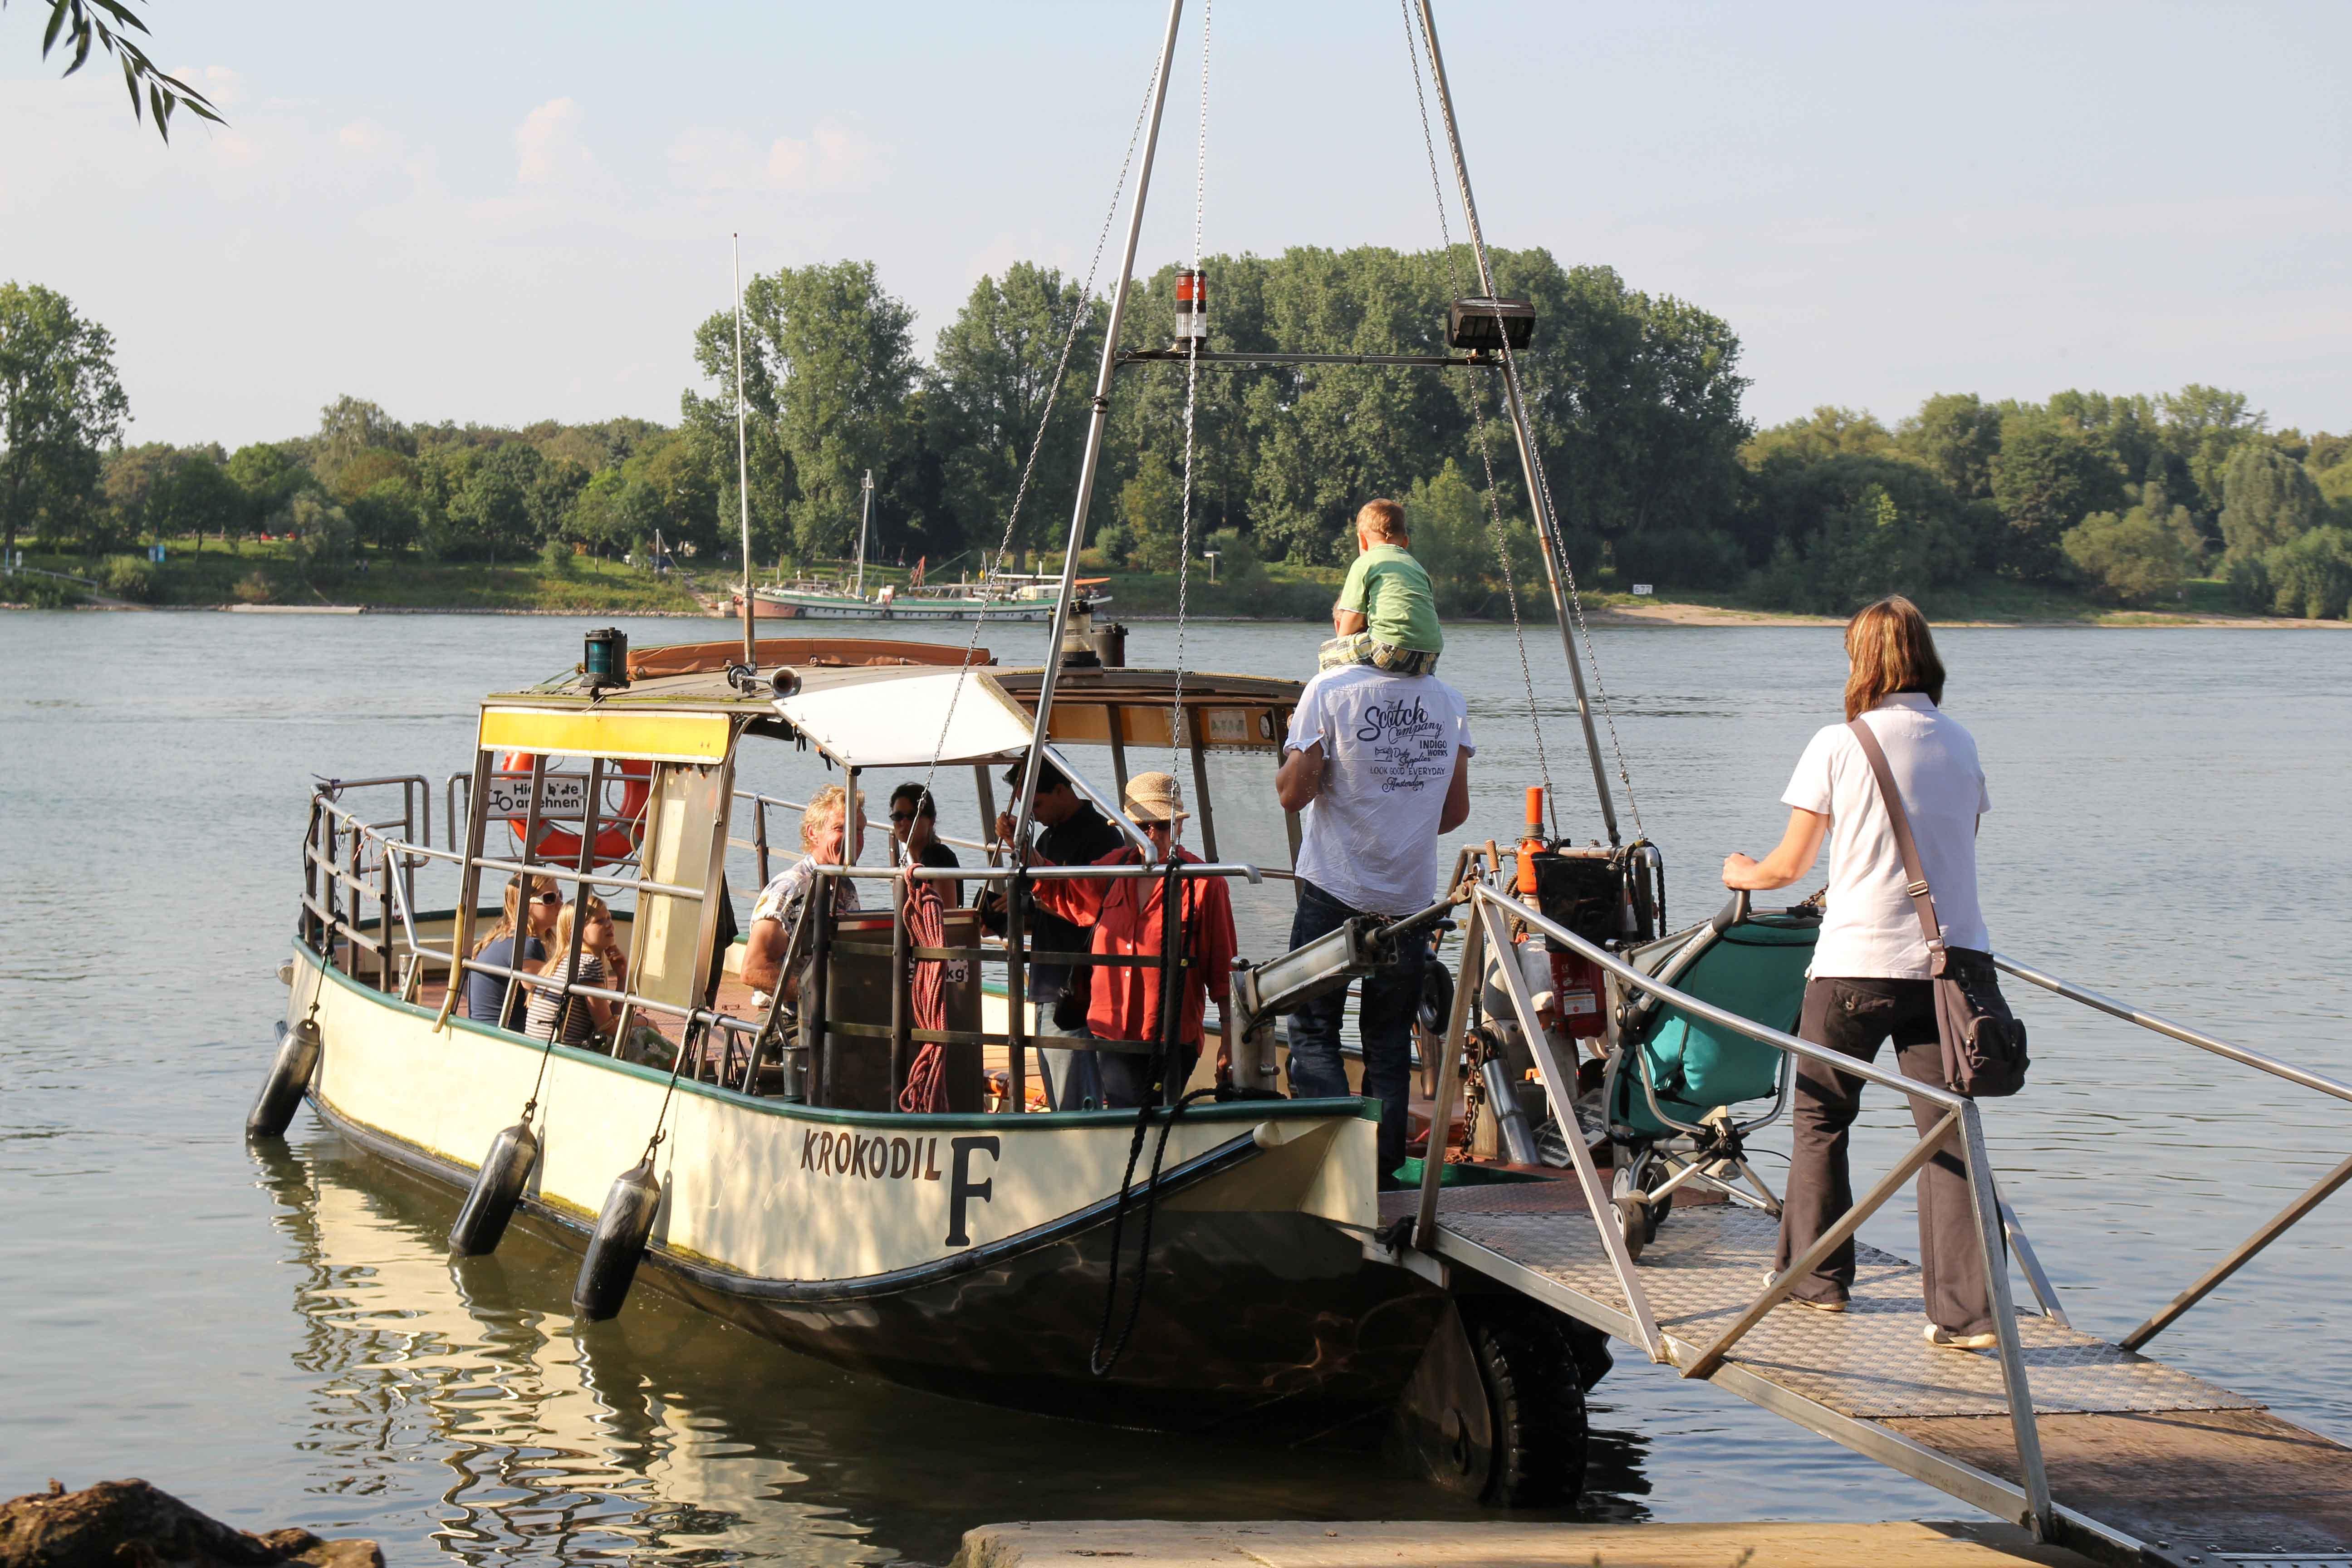 Am Rhein in Zündorf können Ausflügler die Fähre Krokodil nutzen, um die Rheinseite zu queren.